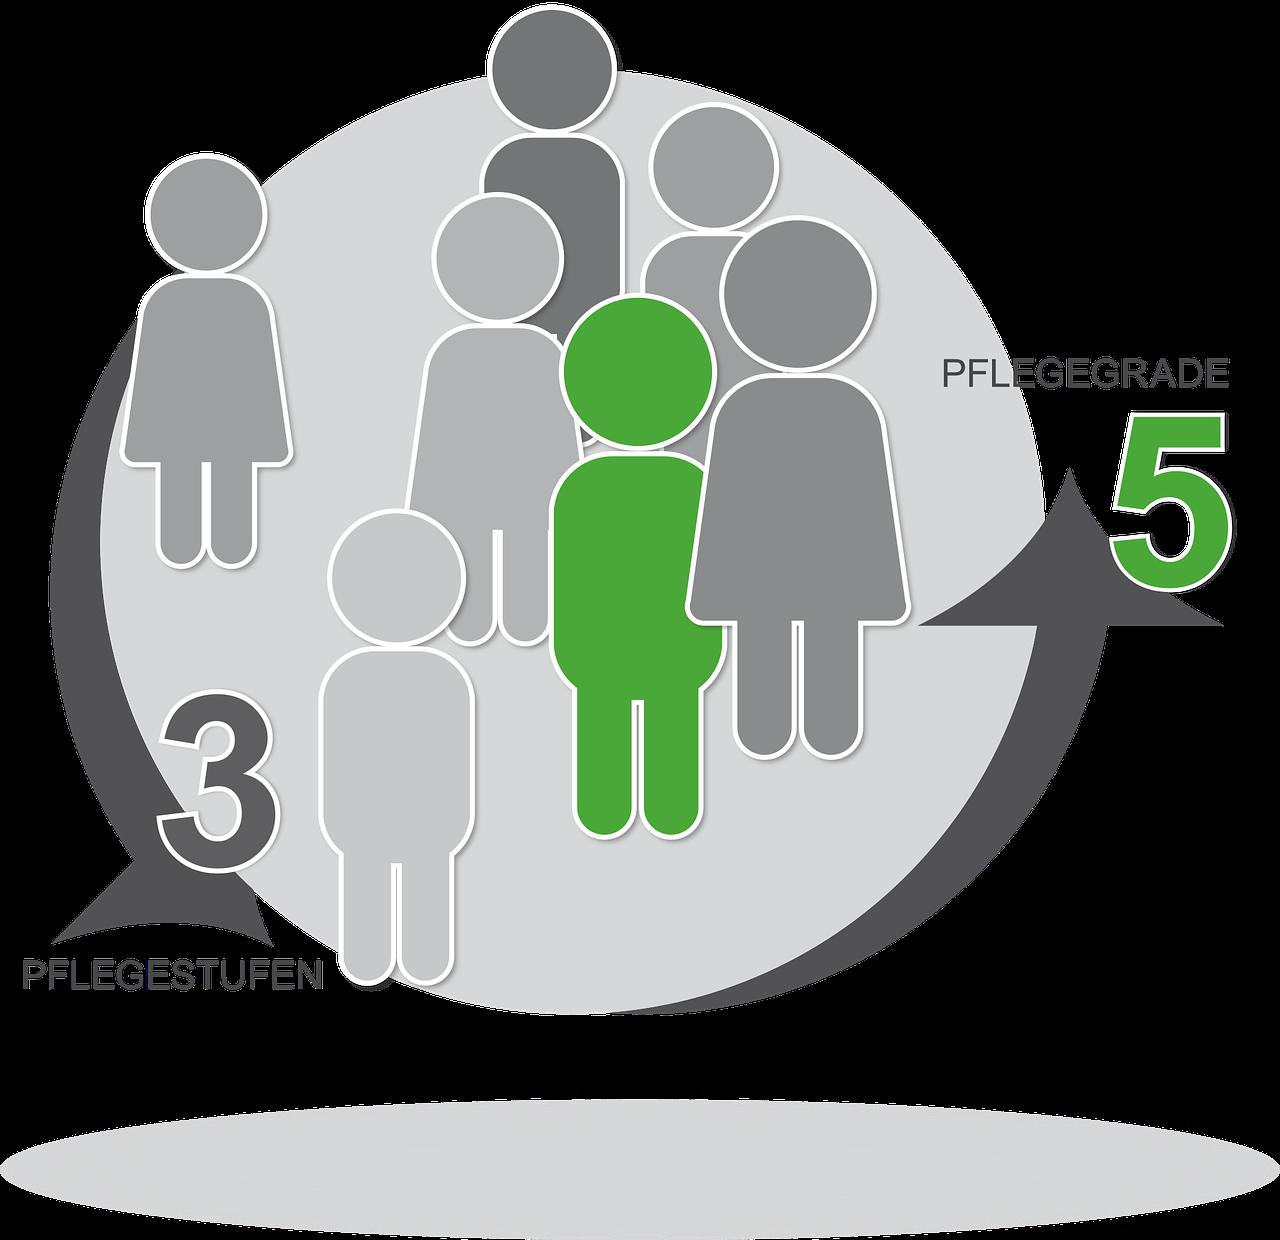 3 Pflegestufen werden 2017 5 Pflegegrade